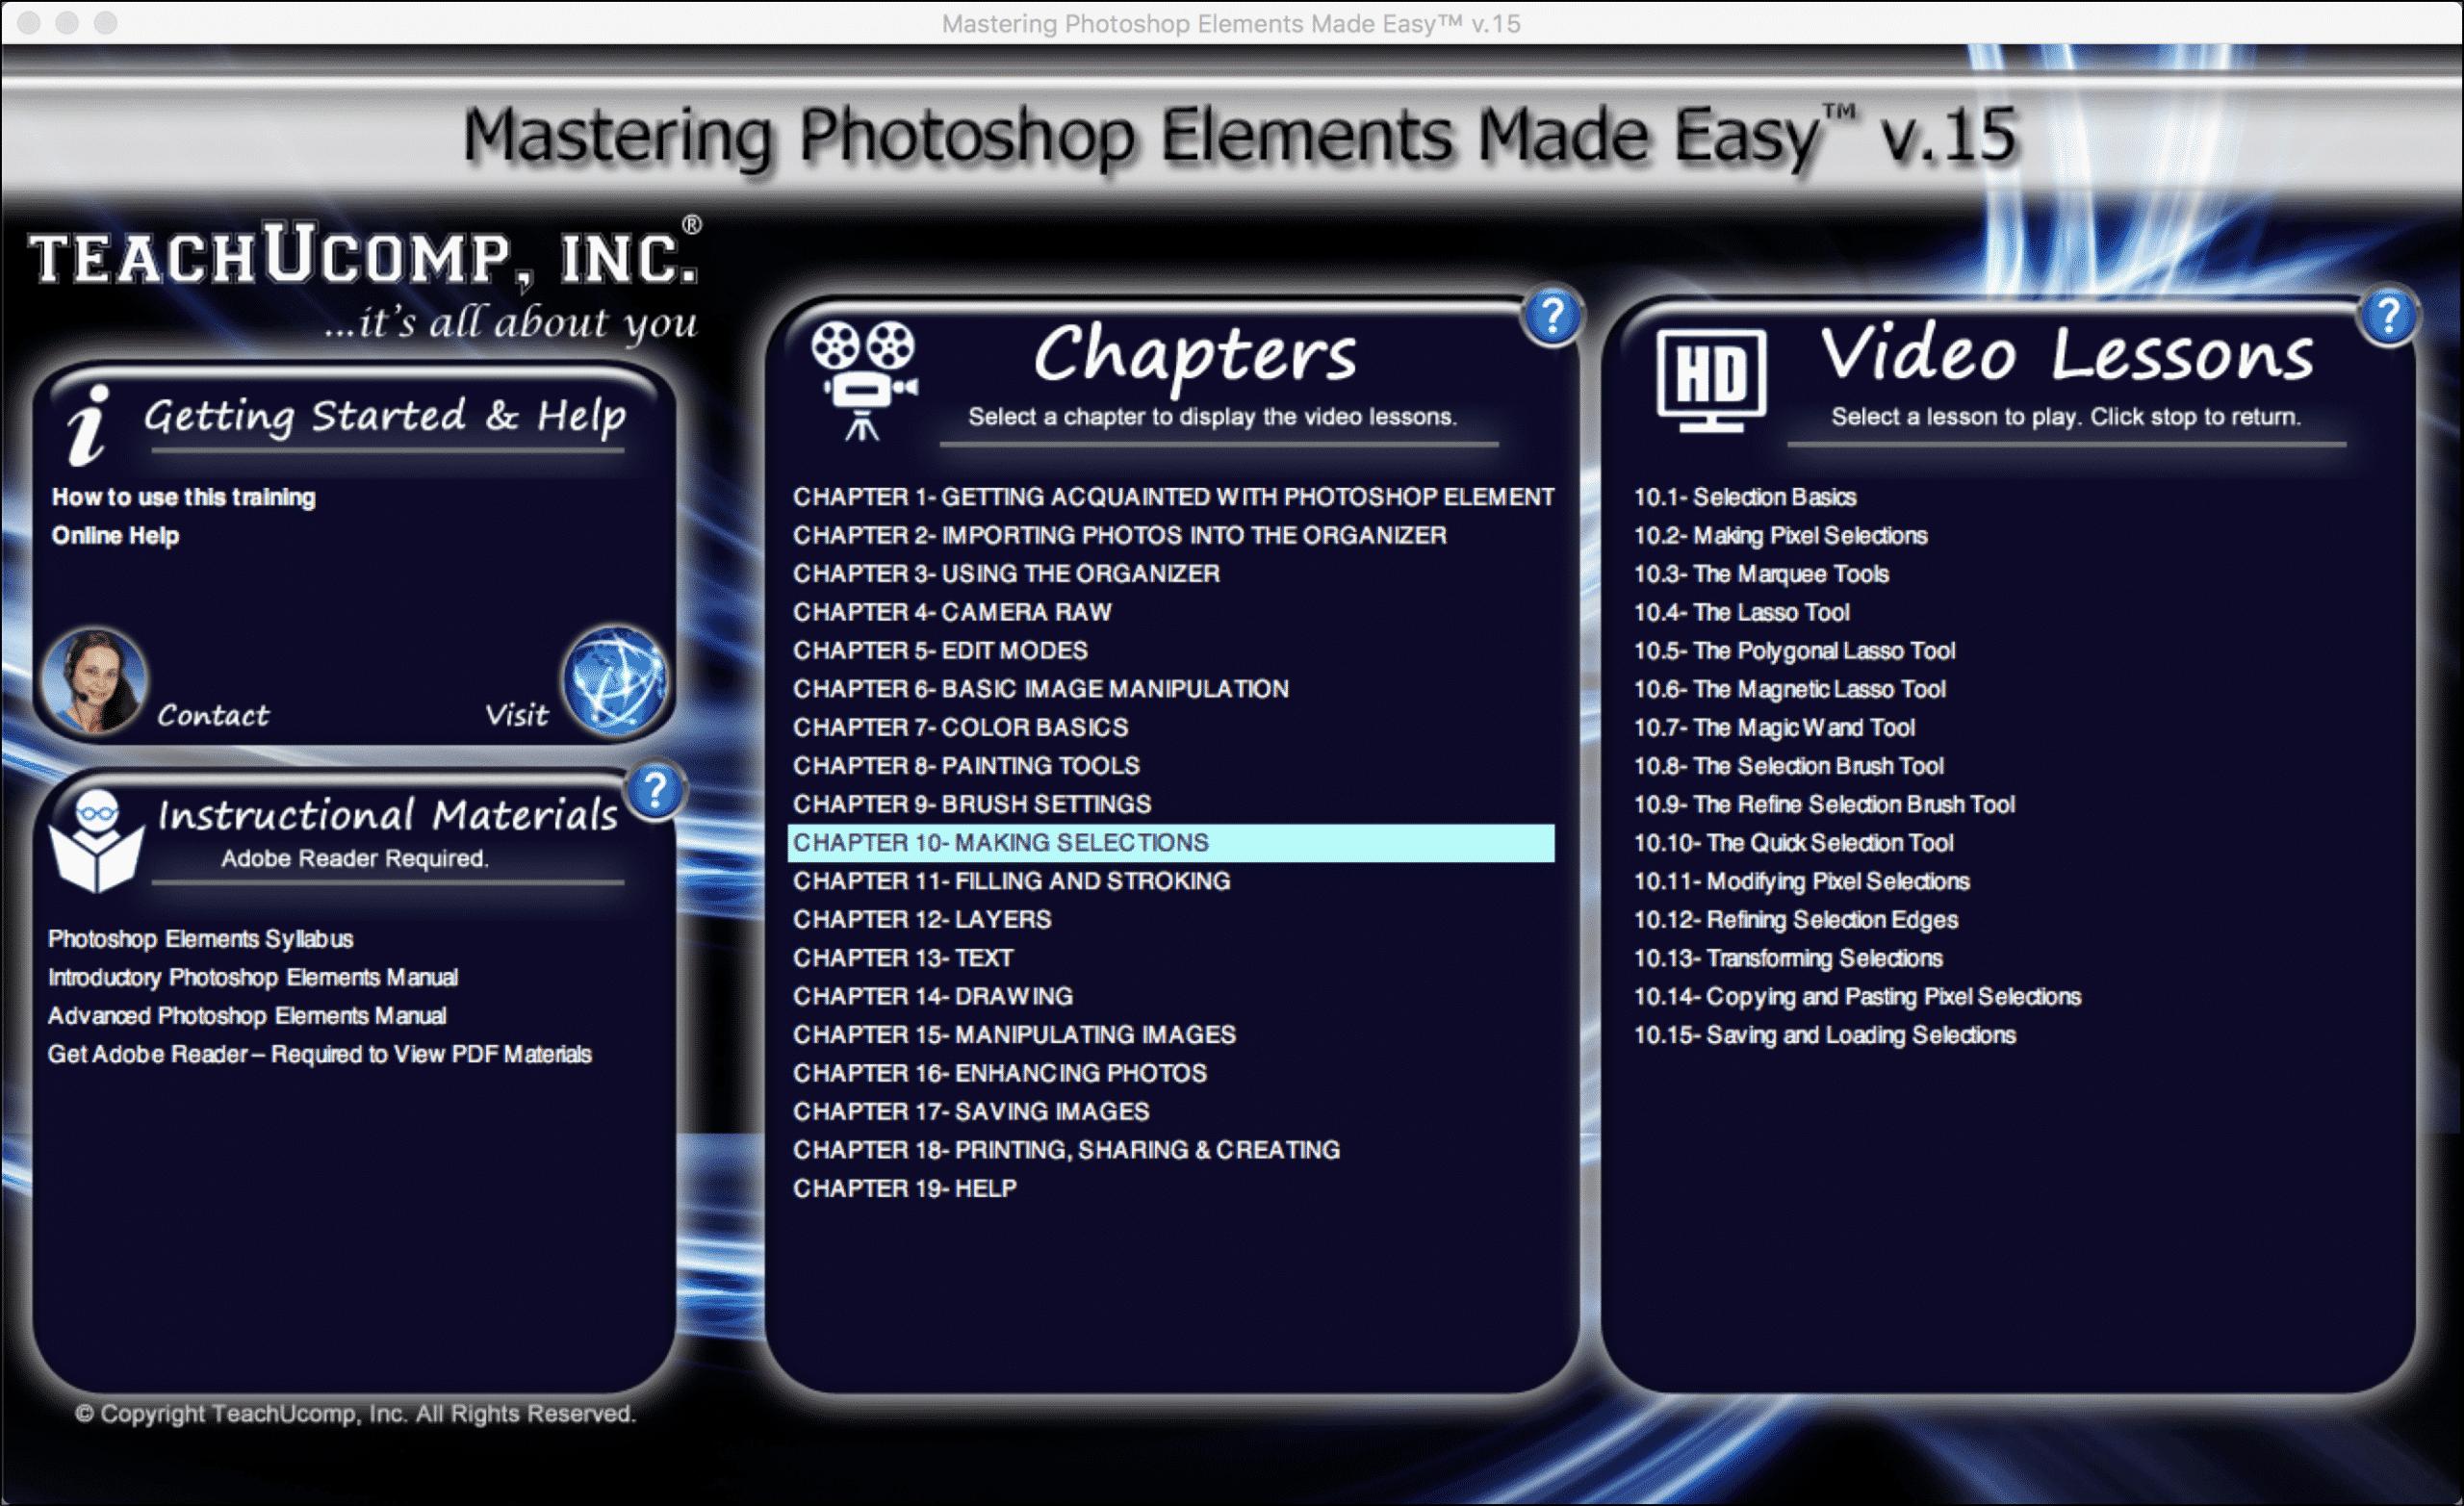 Buy photoshop elements 15 training teachucomp inc buy photoshop elements 15 training a picture of the mastering photoshop elements made easy v baditri Choice Image